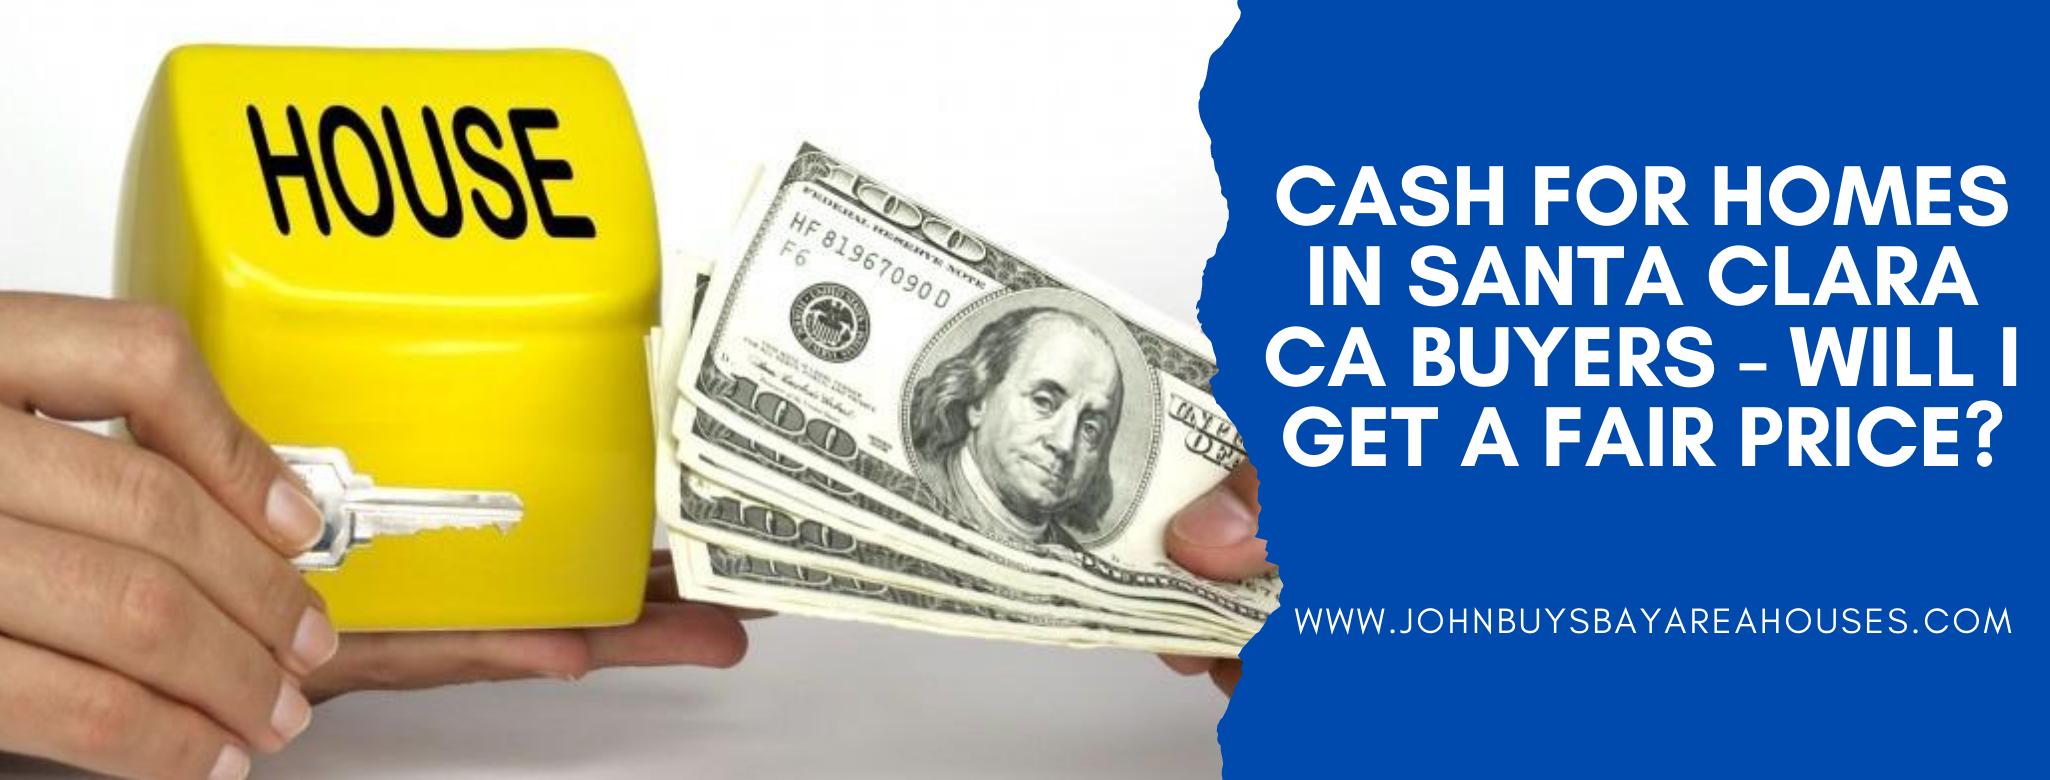 We buy properties in Santa Clara CA